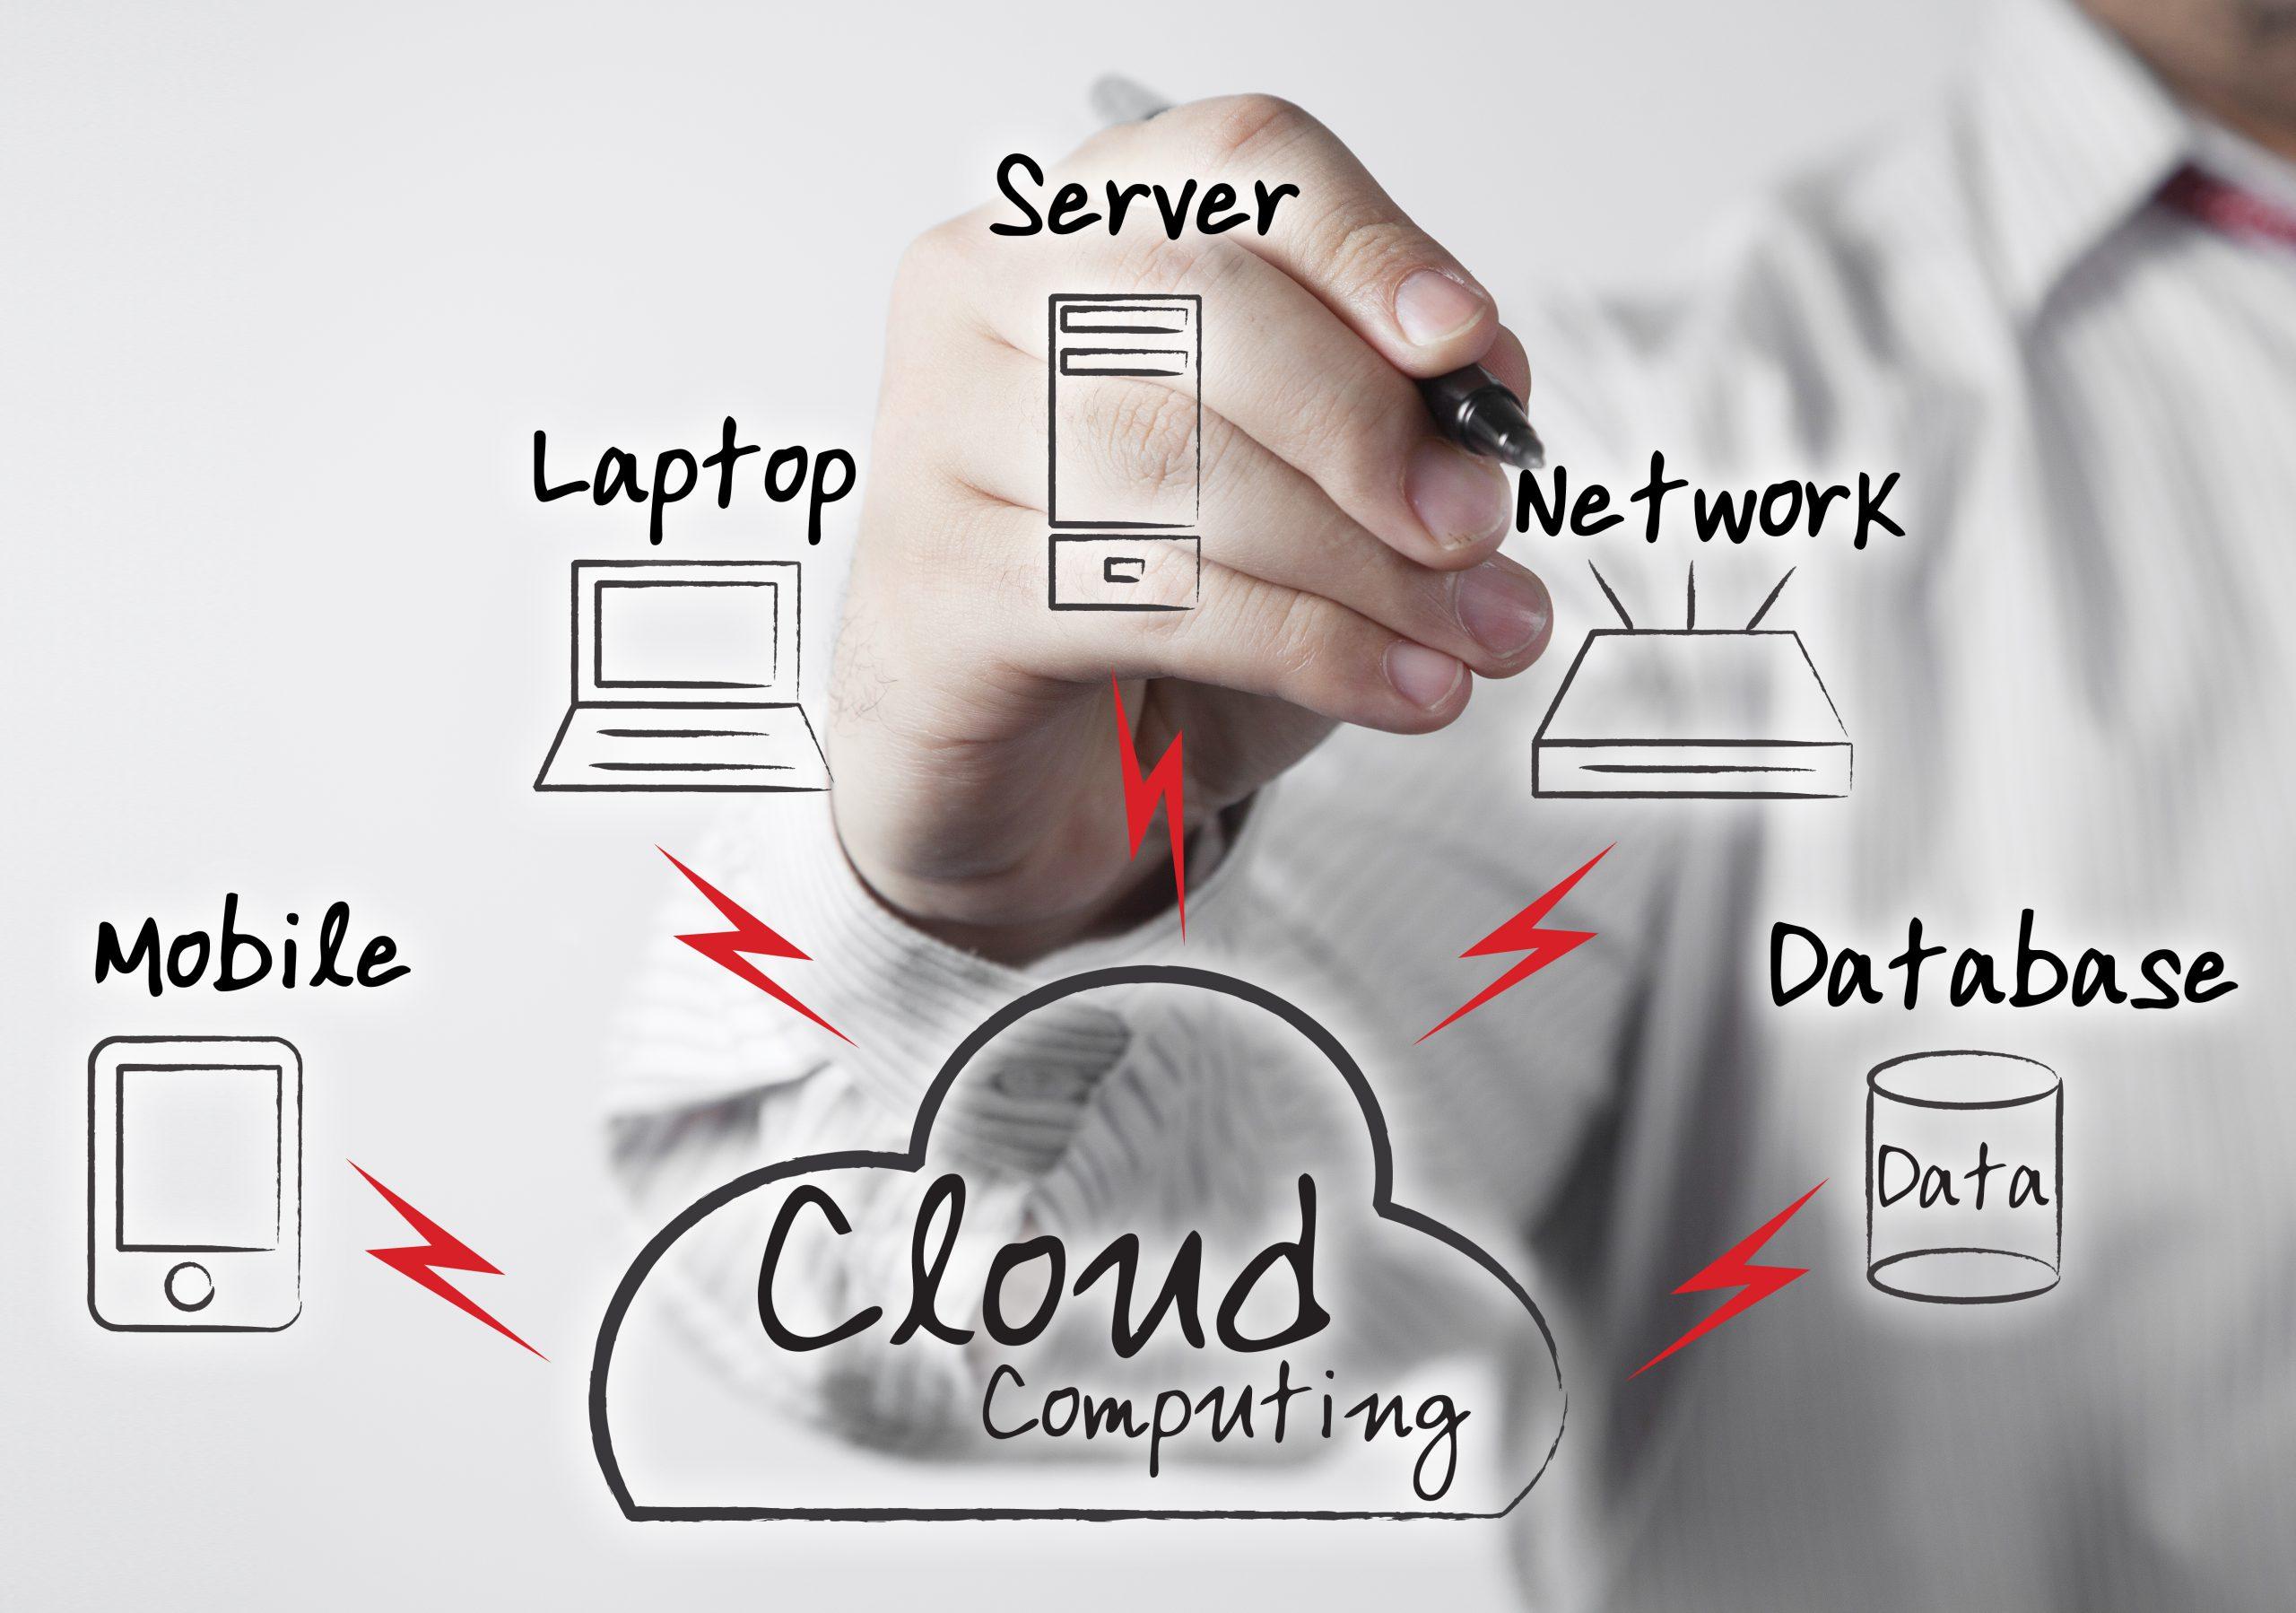 Soluciones en la nube - Cloud.